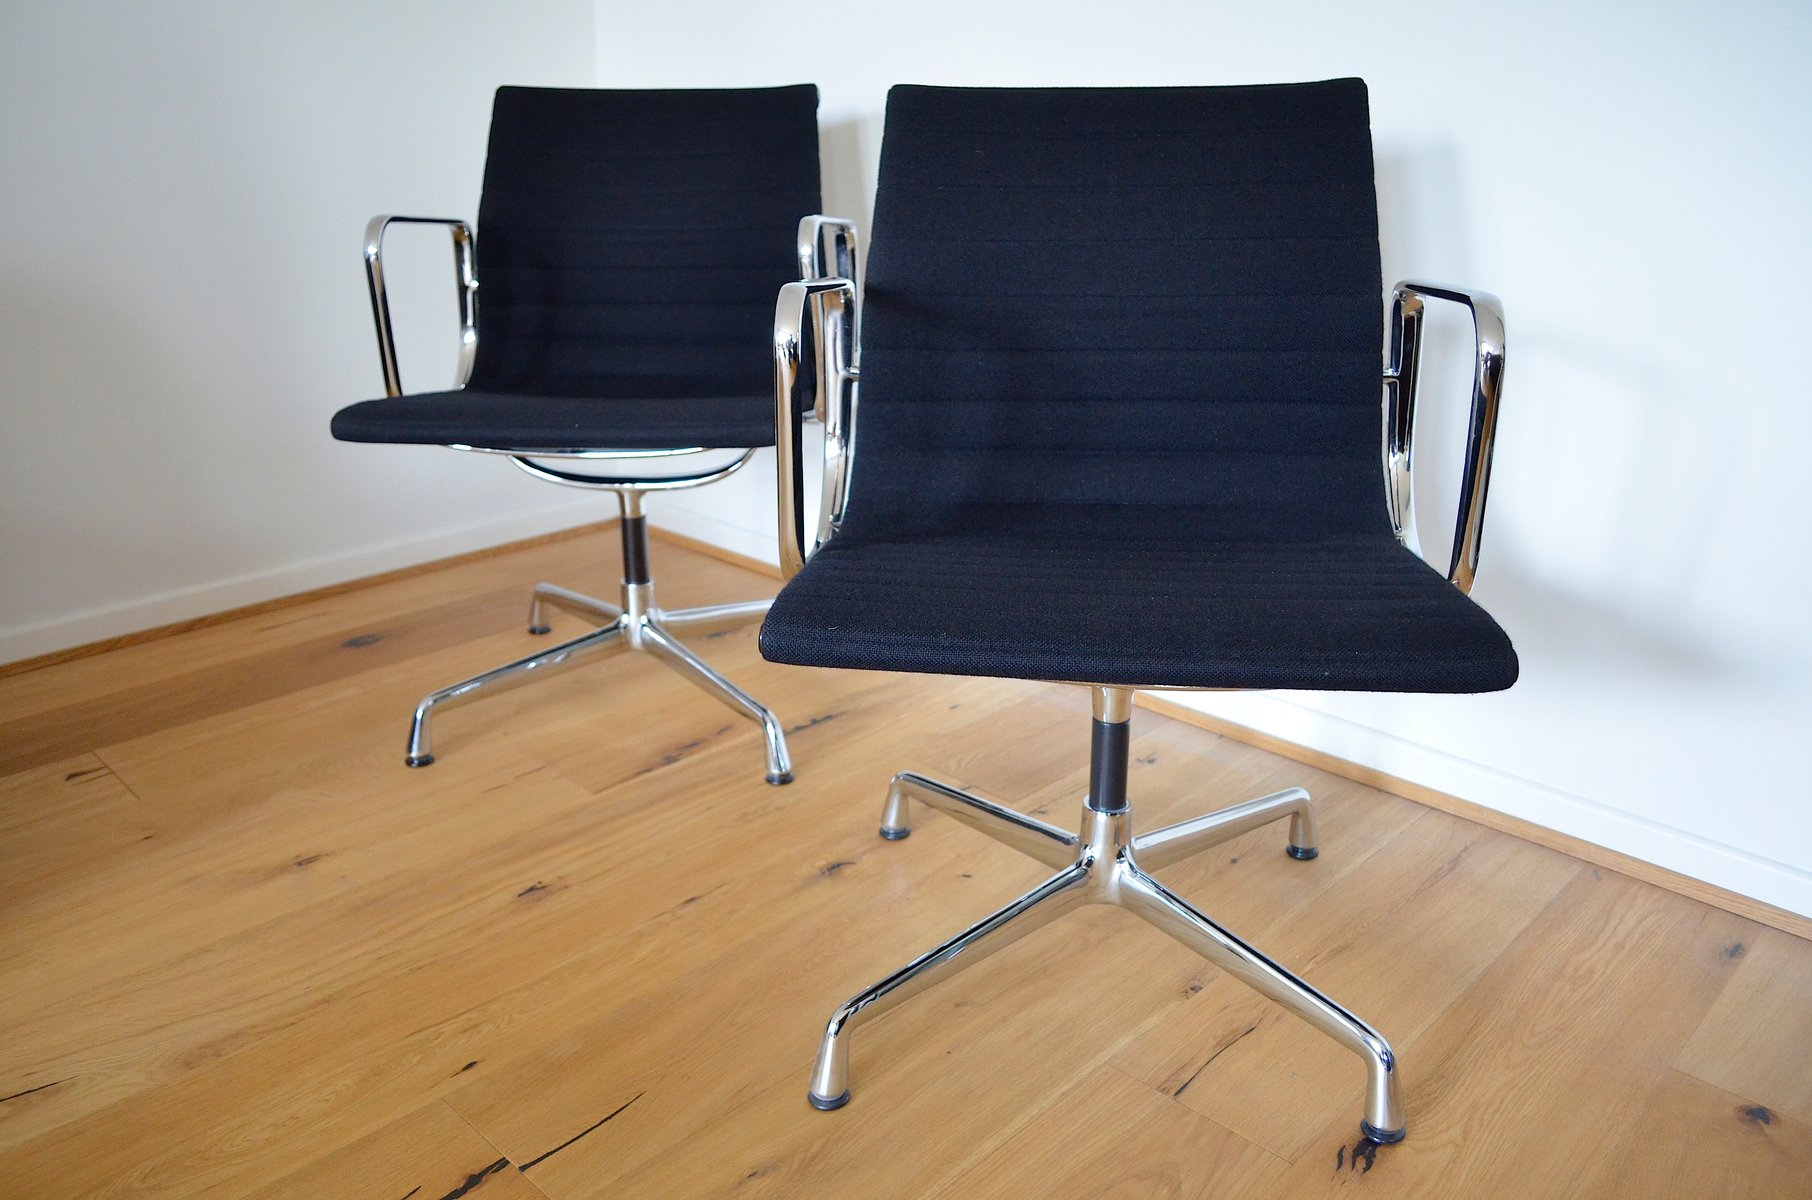 ea108 schreibtischst hle von charles ray eames f r. Black Bedroom Furniture Sets. Home Design Ideas